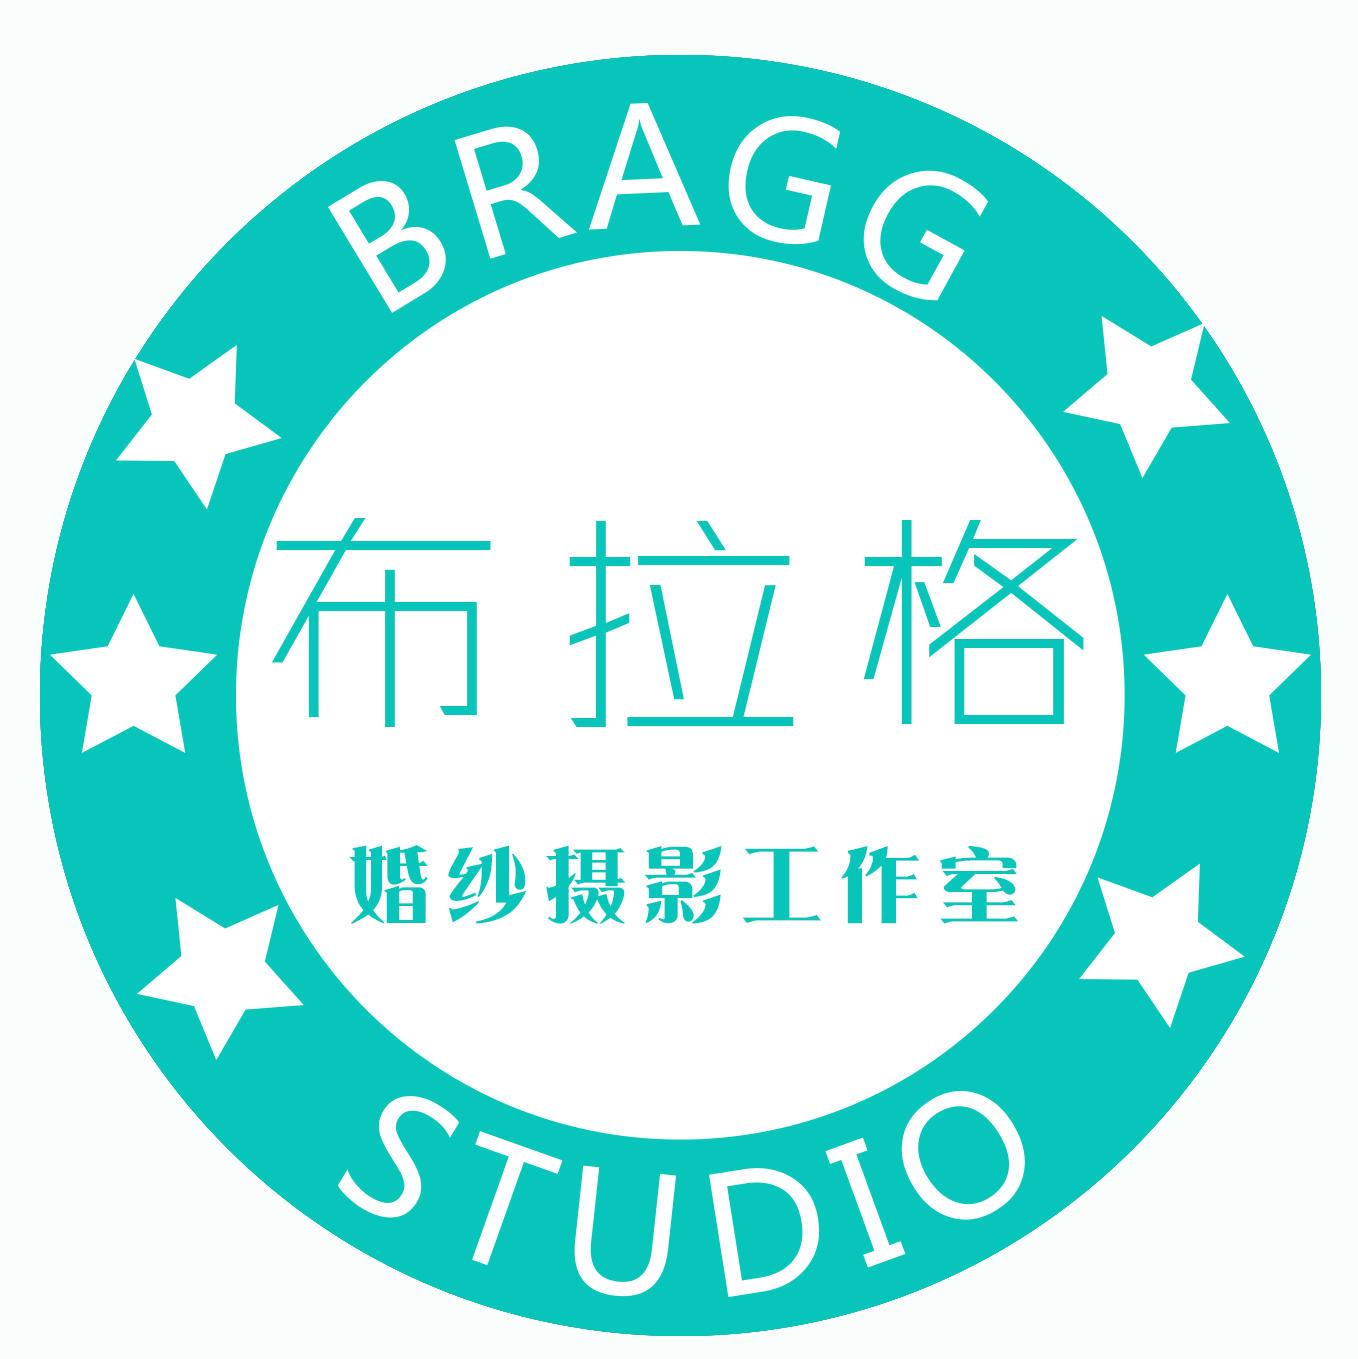 布拉格婚纱摄影(解放碑店)